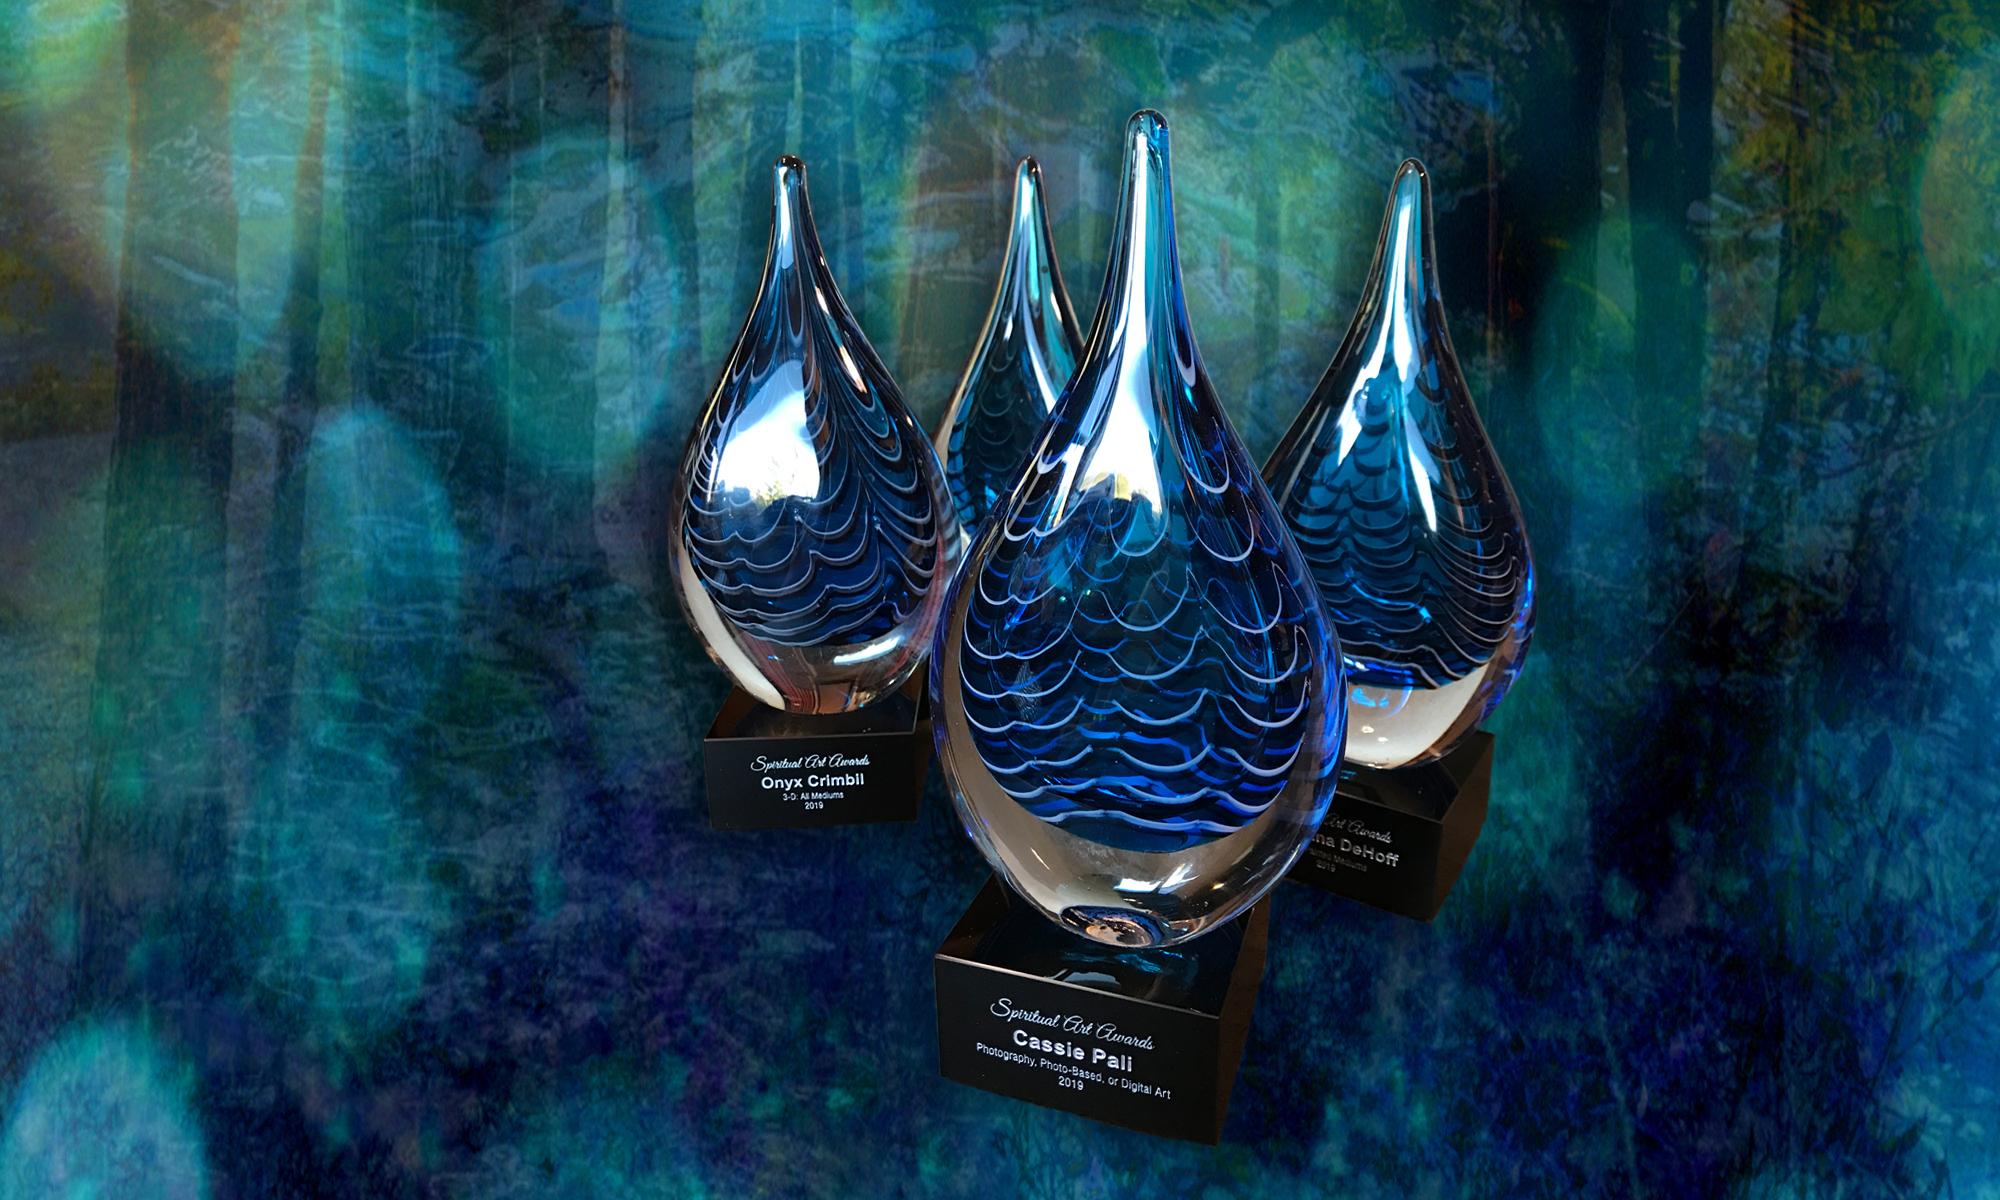 Spiritual Art Awards